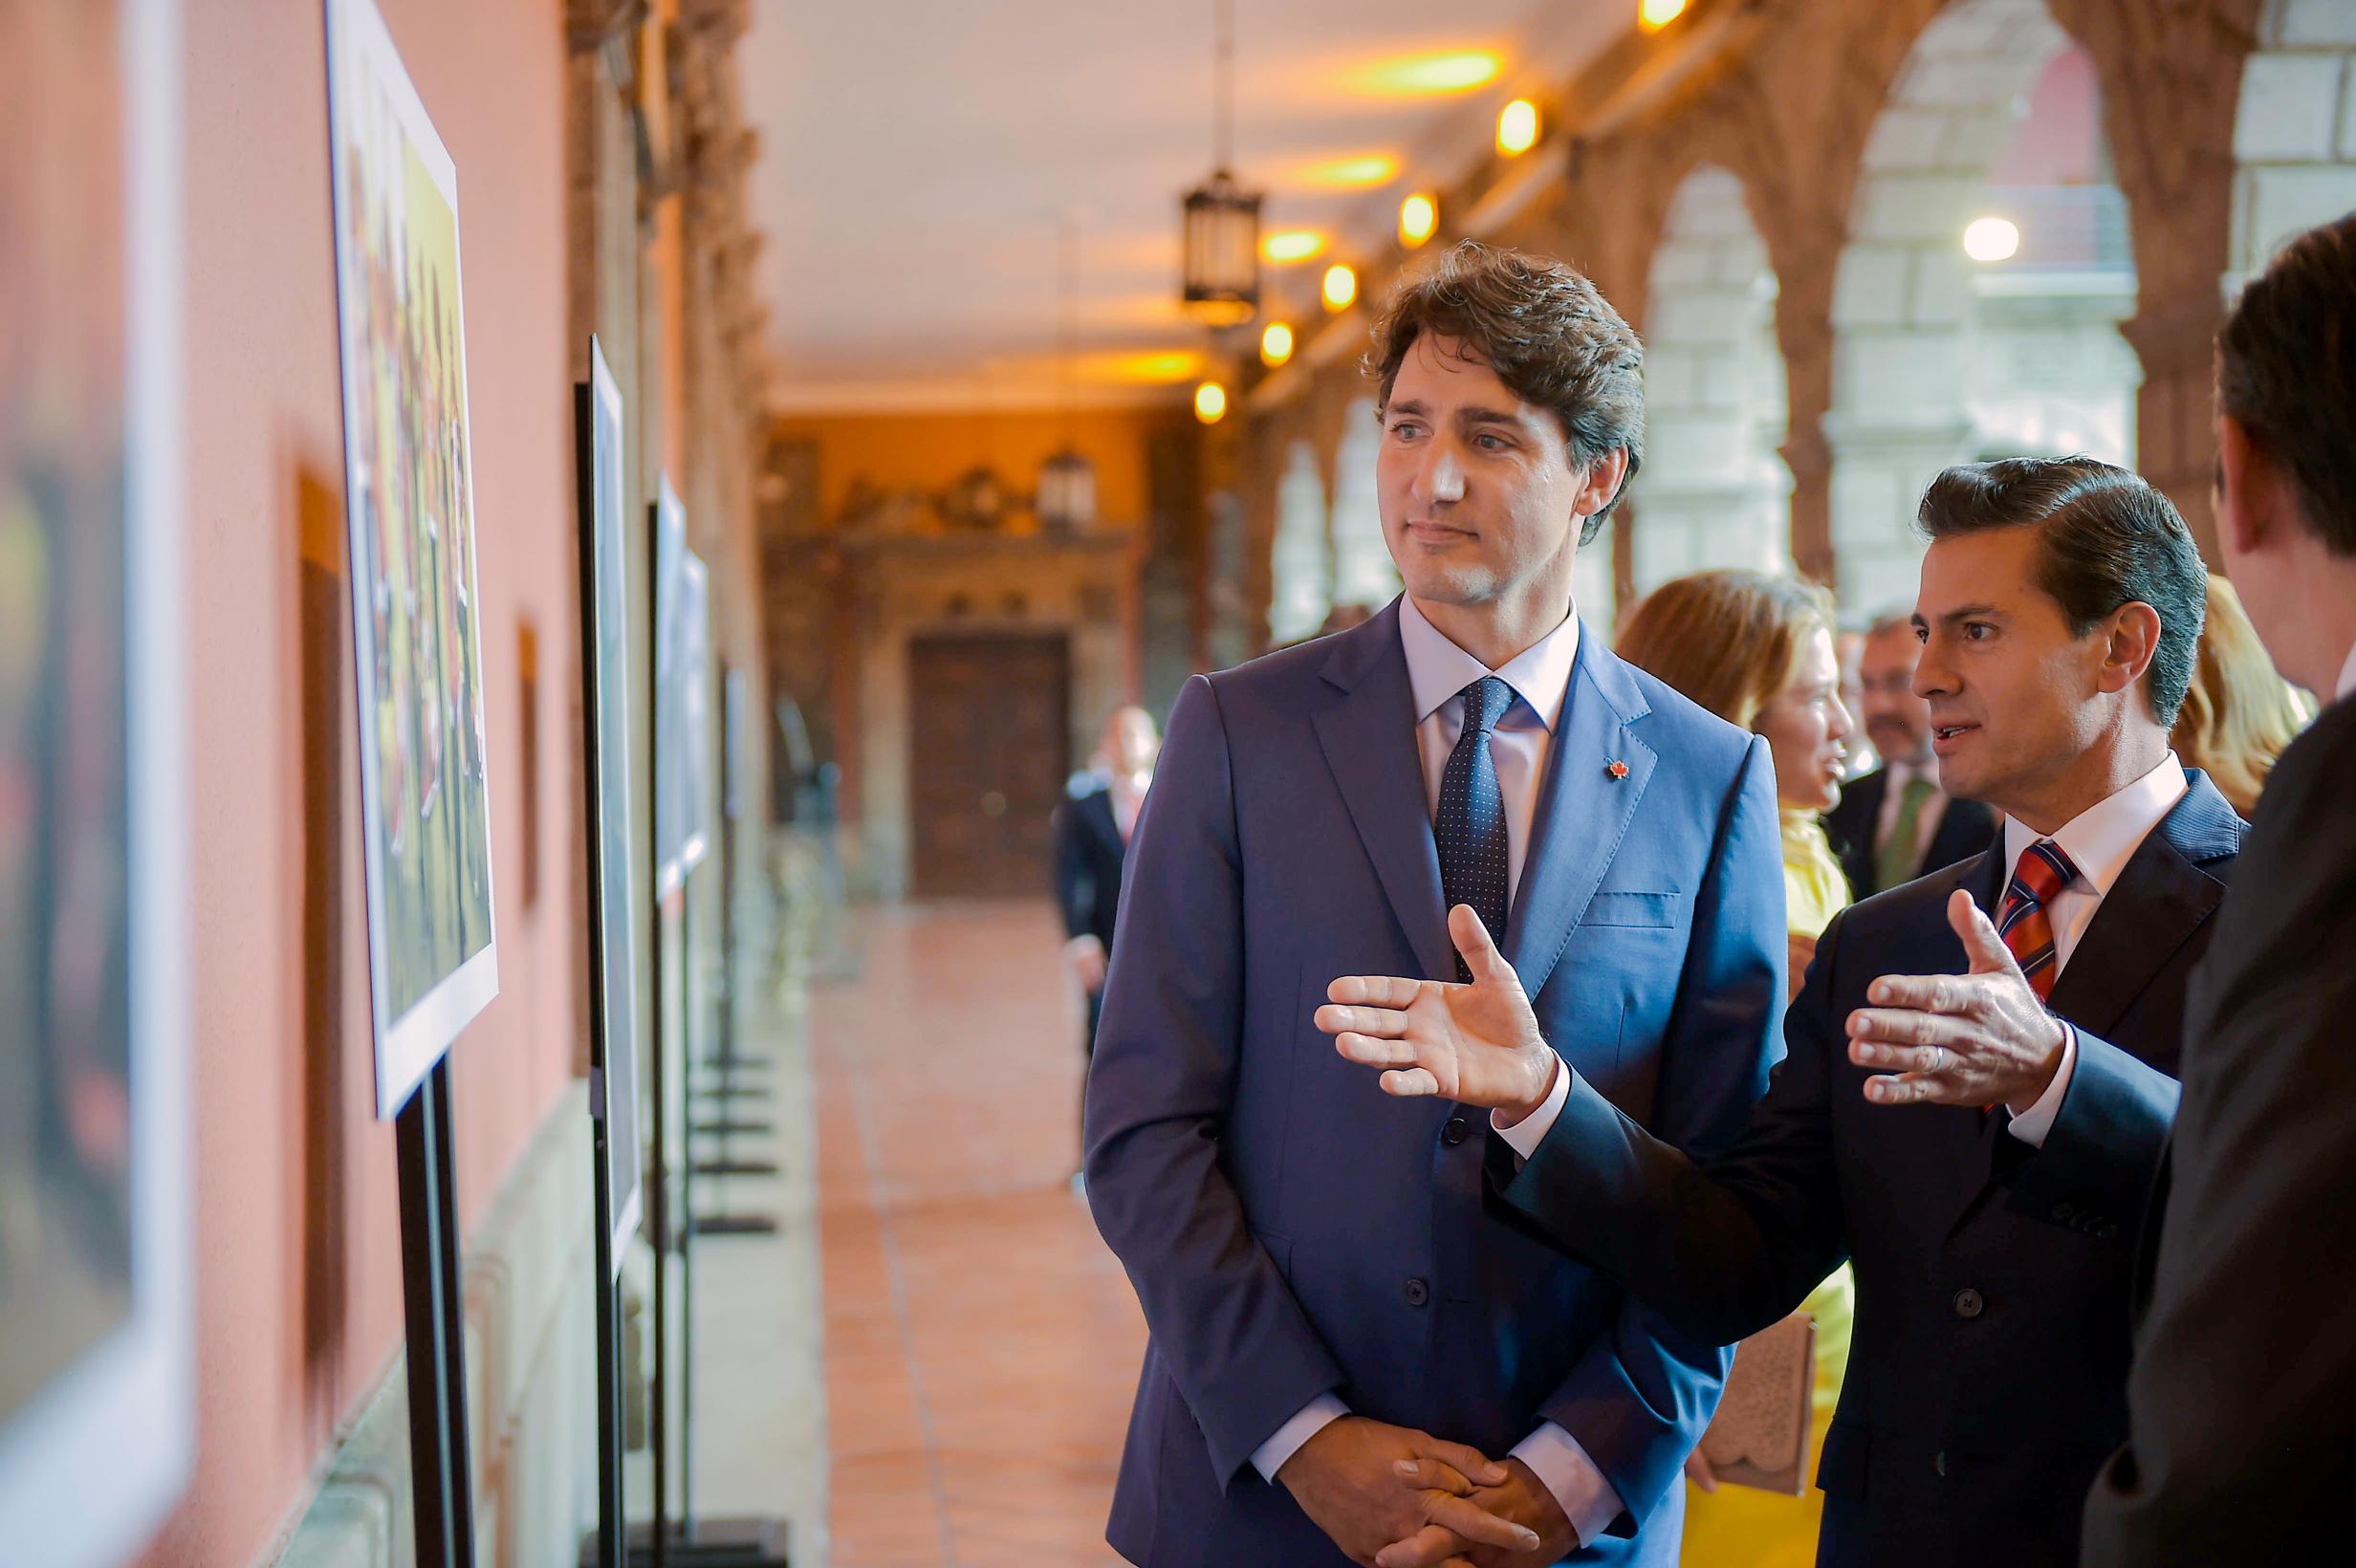 primer ministro canada gay